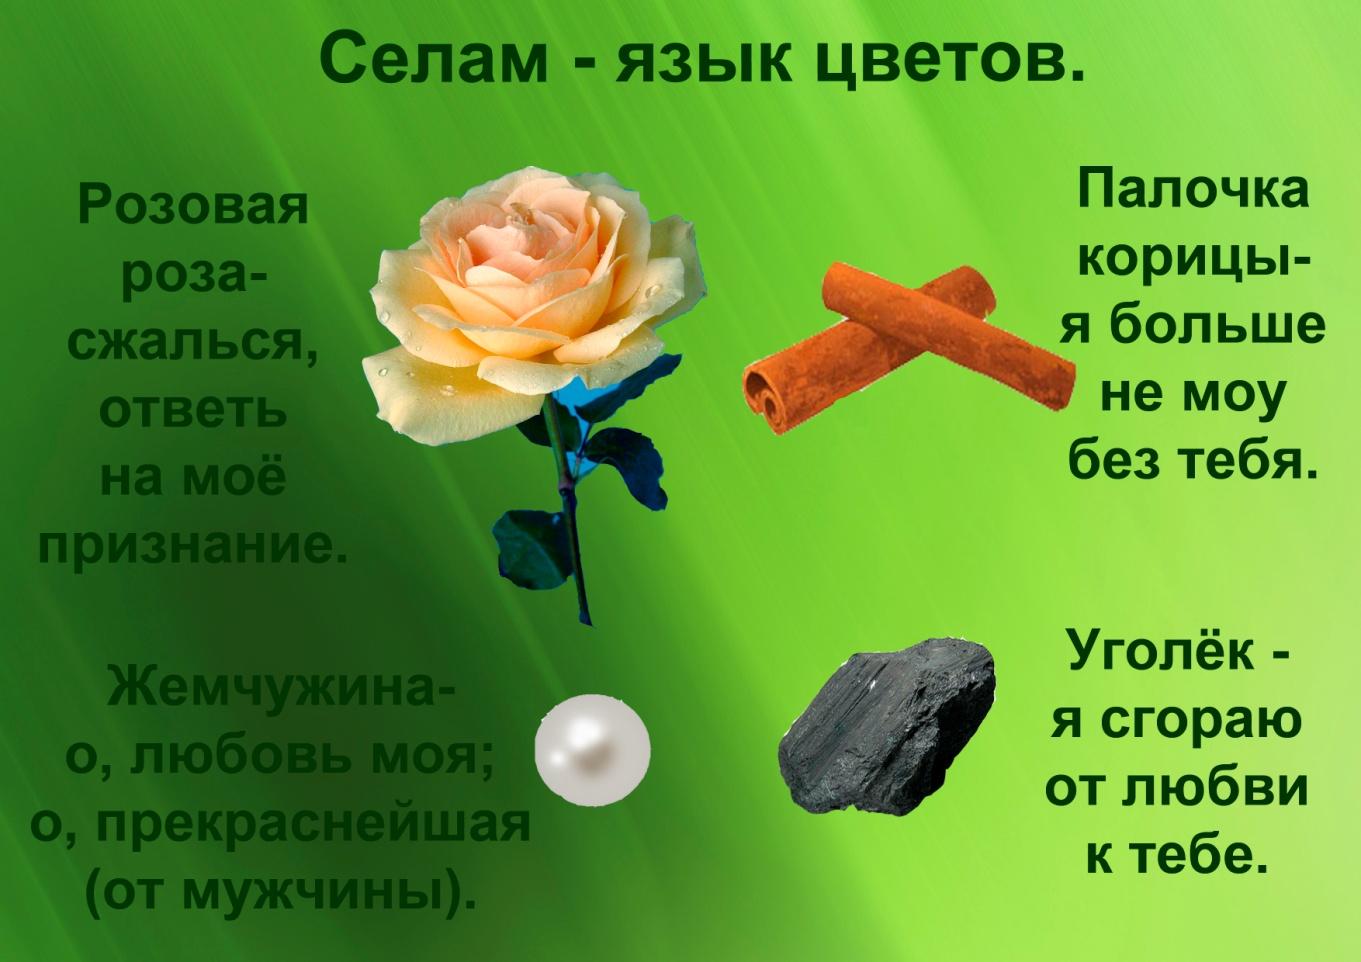 C:\Documents and Settings\я\Рабочий стол\Язык цветов. Презентация. Элина\16.Селам - язык цветов.jpg